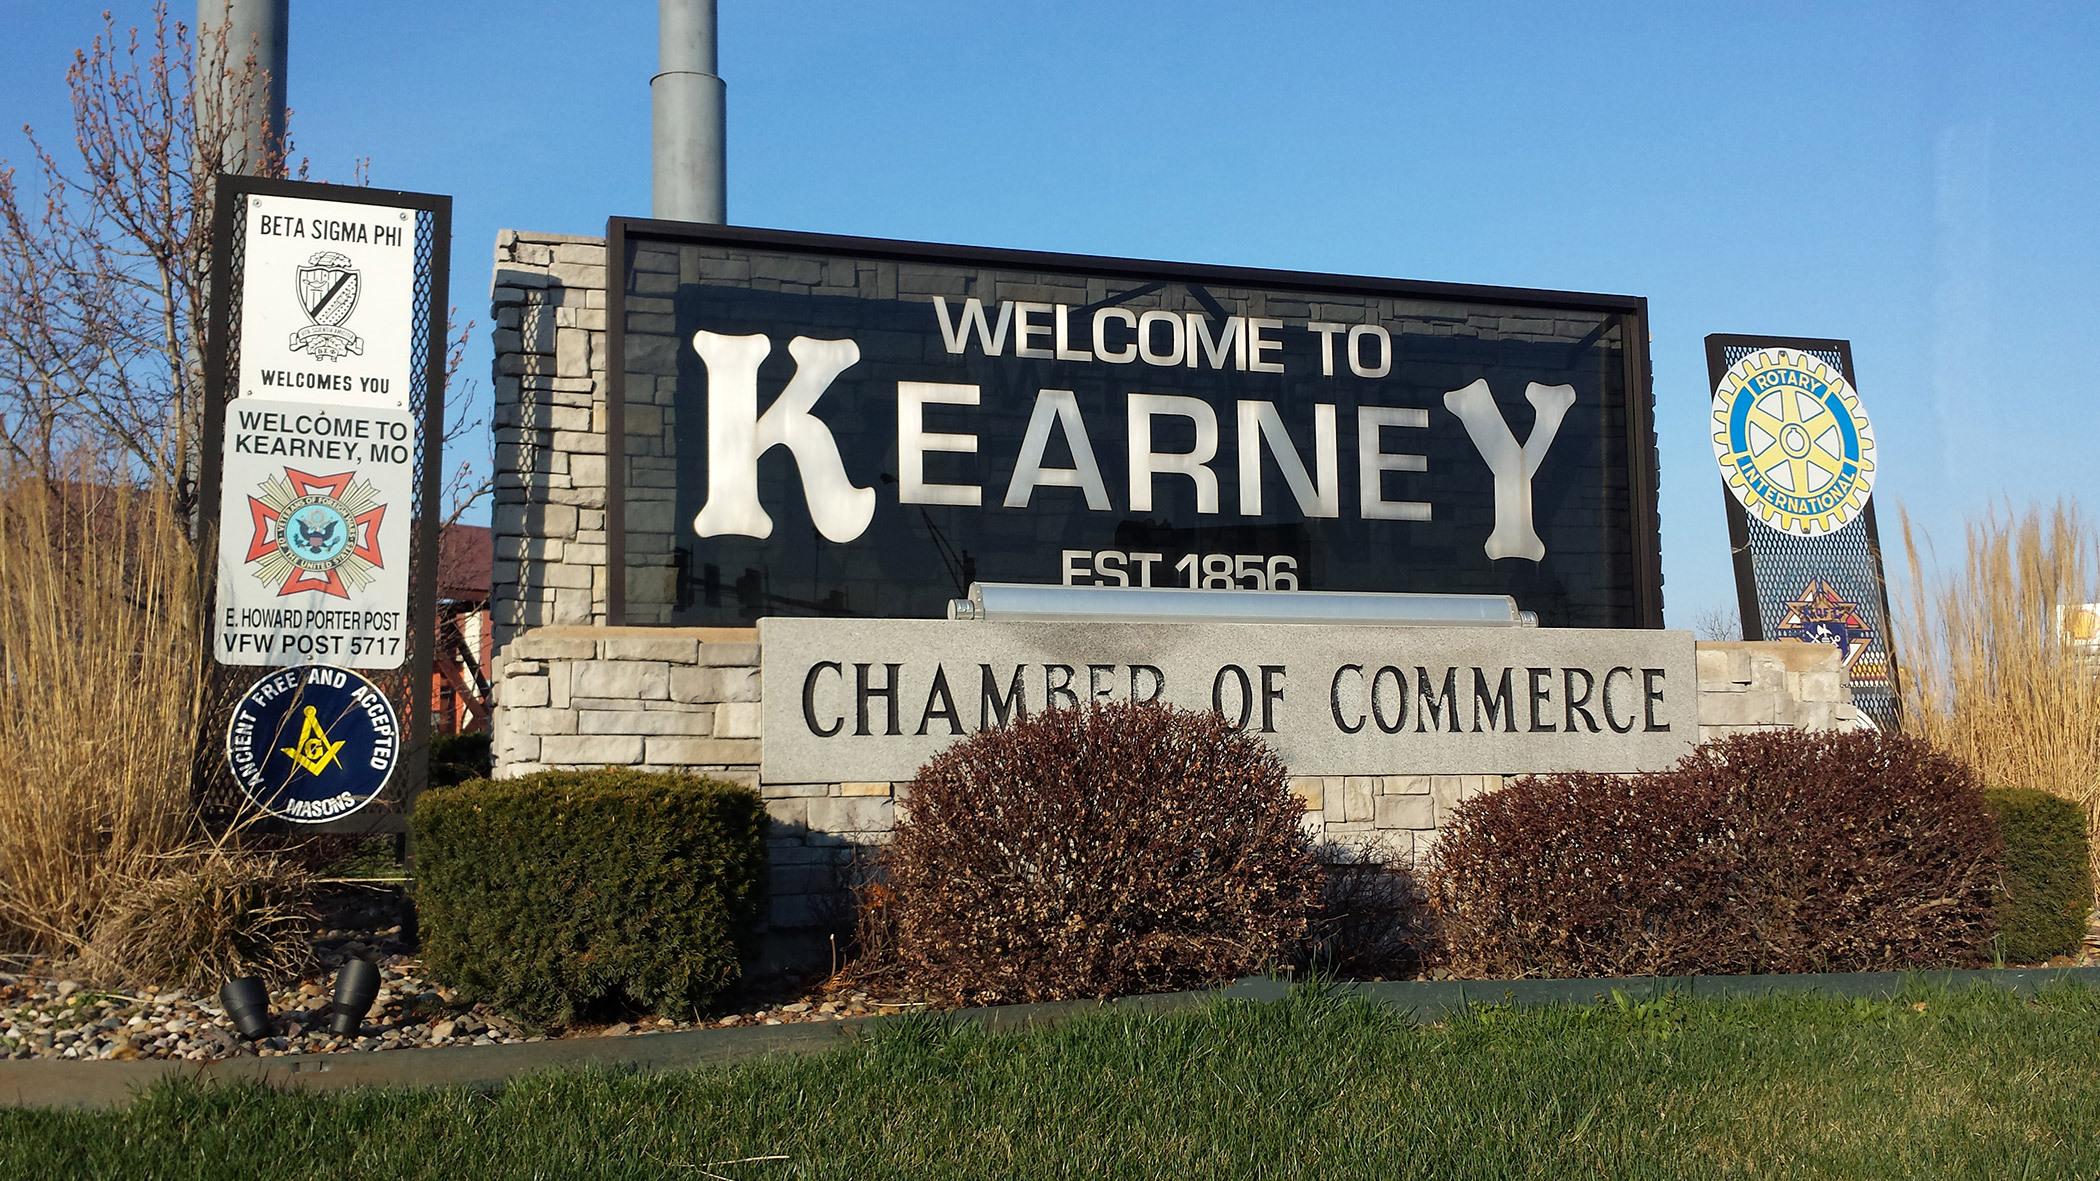 kearney mo.jpg